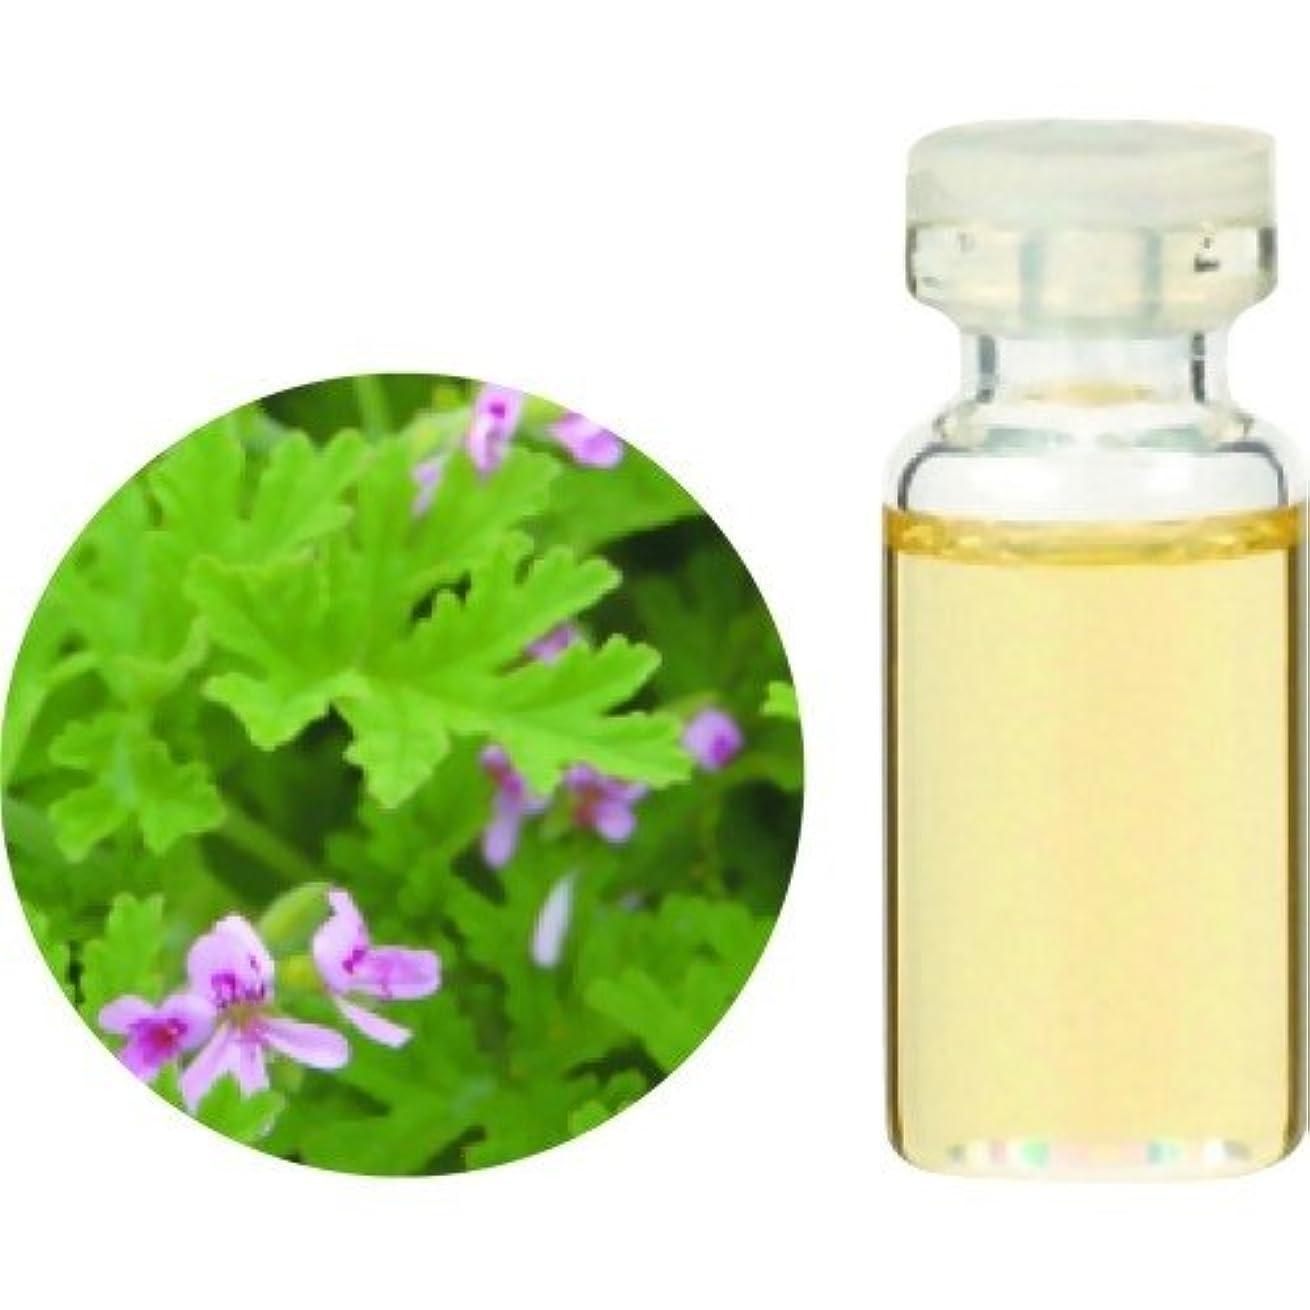 クラックポット公然と最も早い生活の木 Herbal Life Organic ゼラニウム 10ml